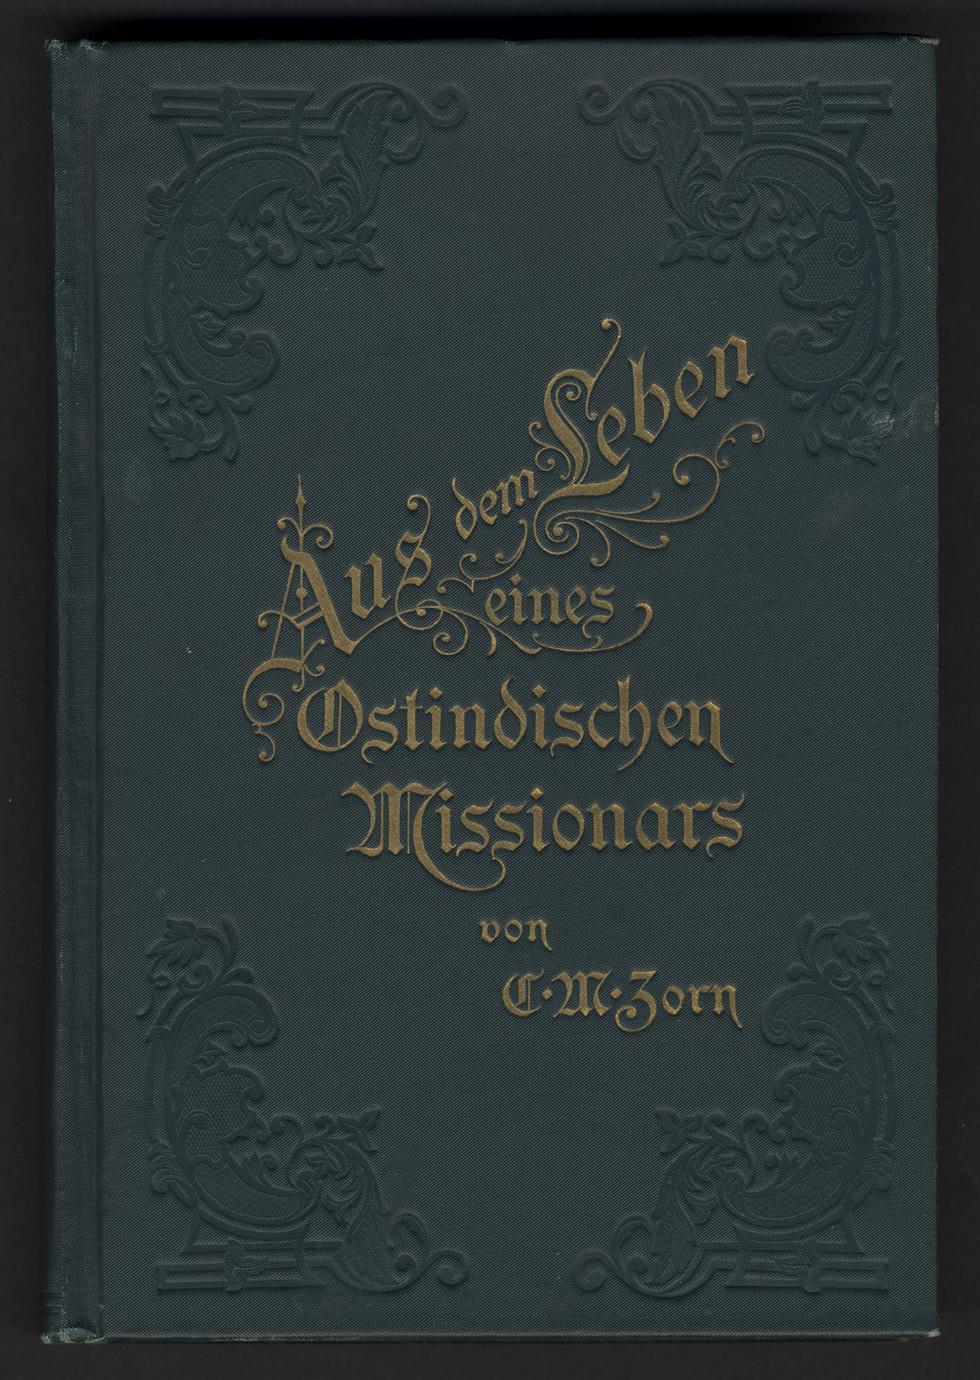 Dies und Das aus dem Leben eines Ostindischen Missionars (1 of 3)